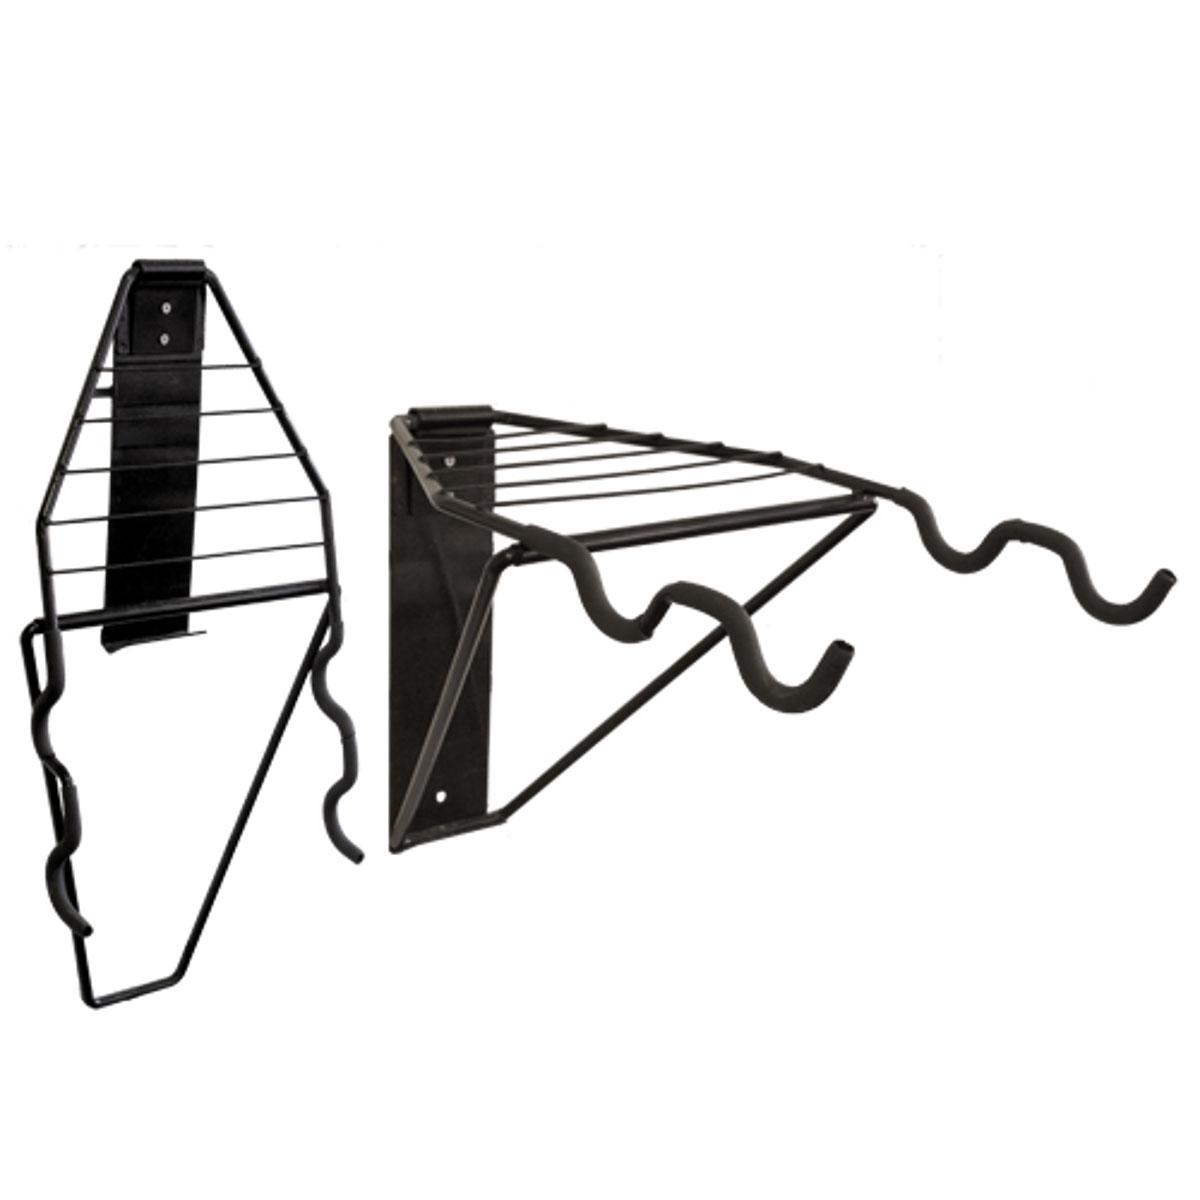 Подвесная система для 2-х велосипедов МастерПроф, горизонтальное хранениеАС.050009Отличная система для горизонтального хранения 2-х велосипедов с решёткой для хранения шлемов, перчаток, обуви и пр. Система складывается, когда не используется.